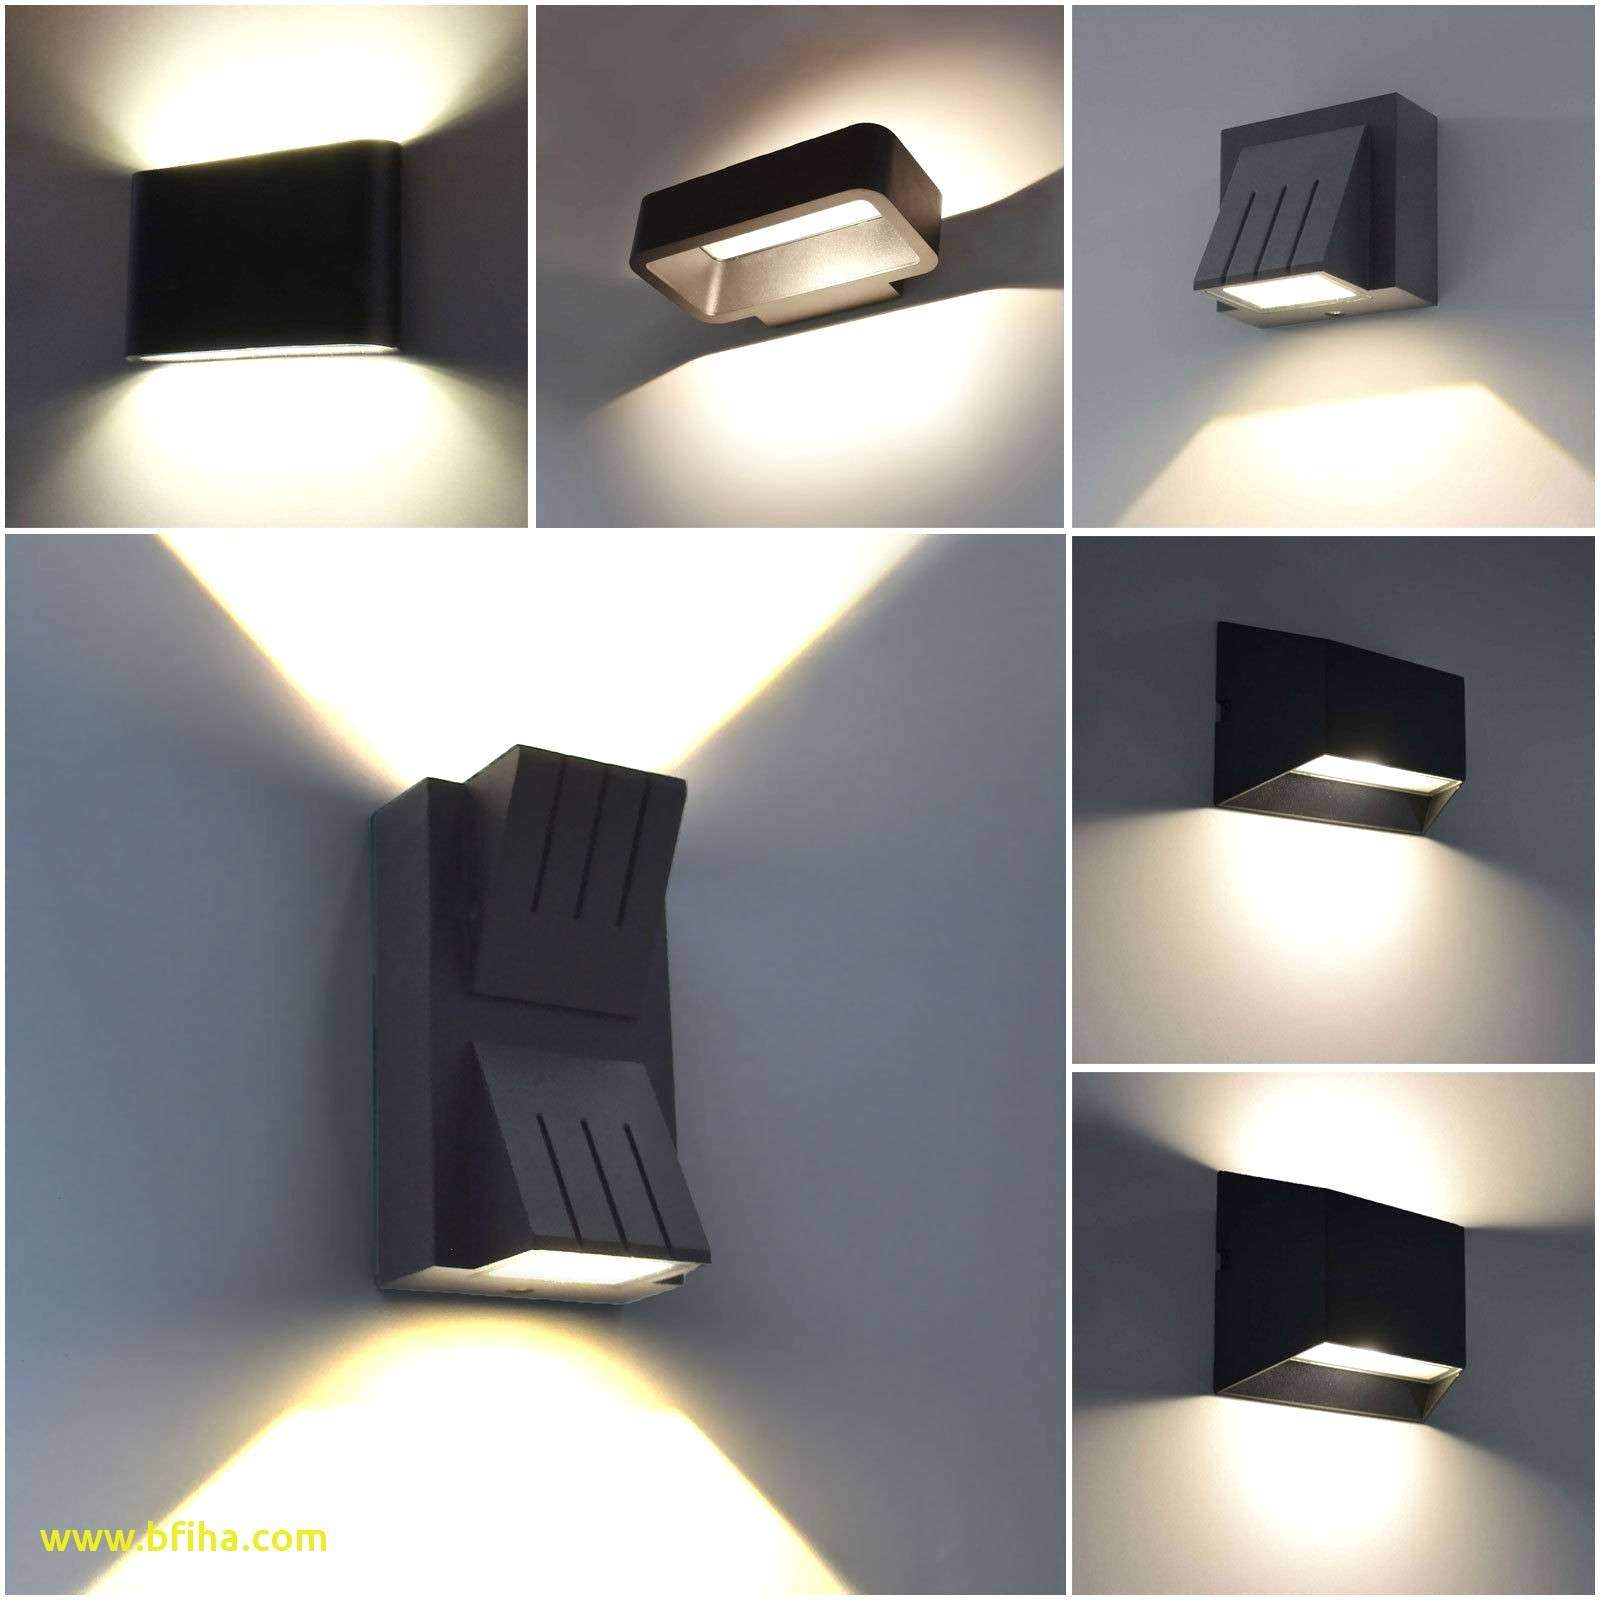 Full Size of Led Lampe Mit Fernbedienung Hornbach Wohnzimmerleuchten Modern Dimmbar Machen Wohnzimmerlampen Lampen Wohnzimmer Amazon Farbwechsel Funktioniert Nicht Bauhaus Wohnzimmer Led Wohnzimmerlampe